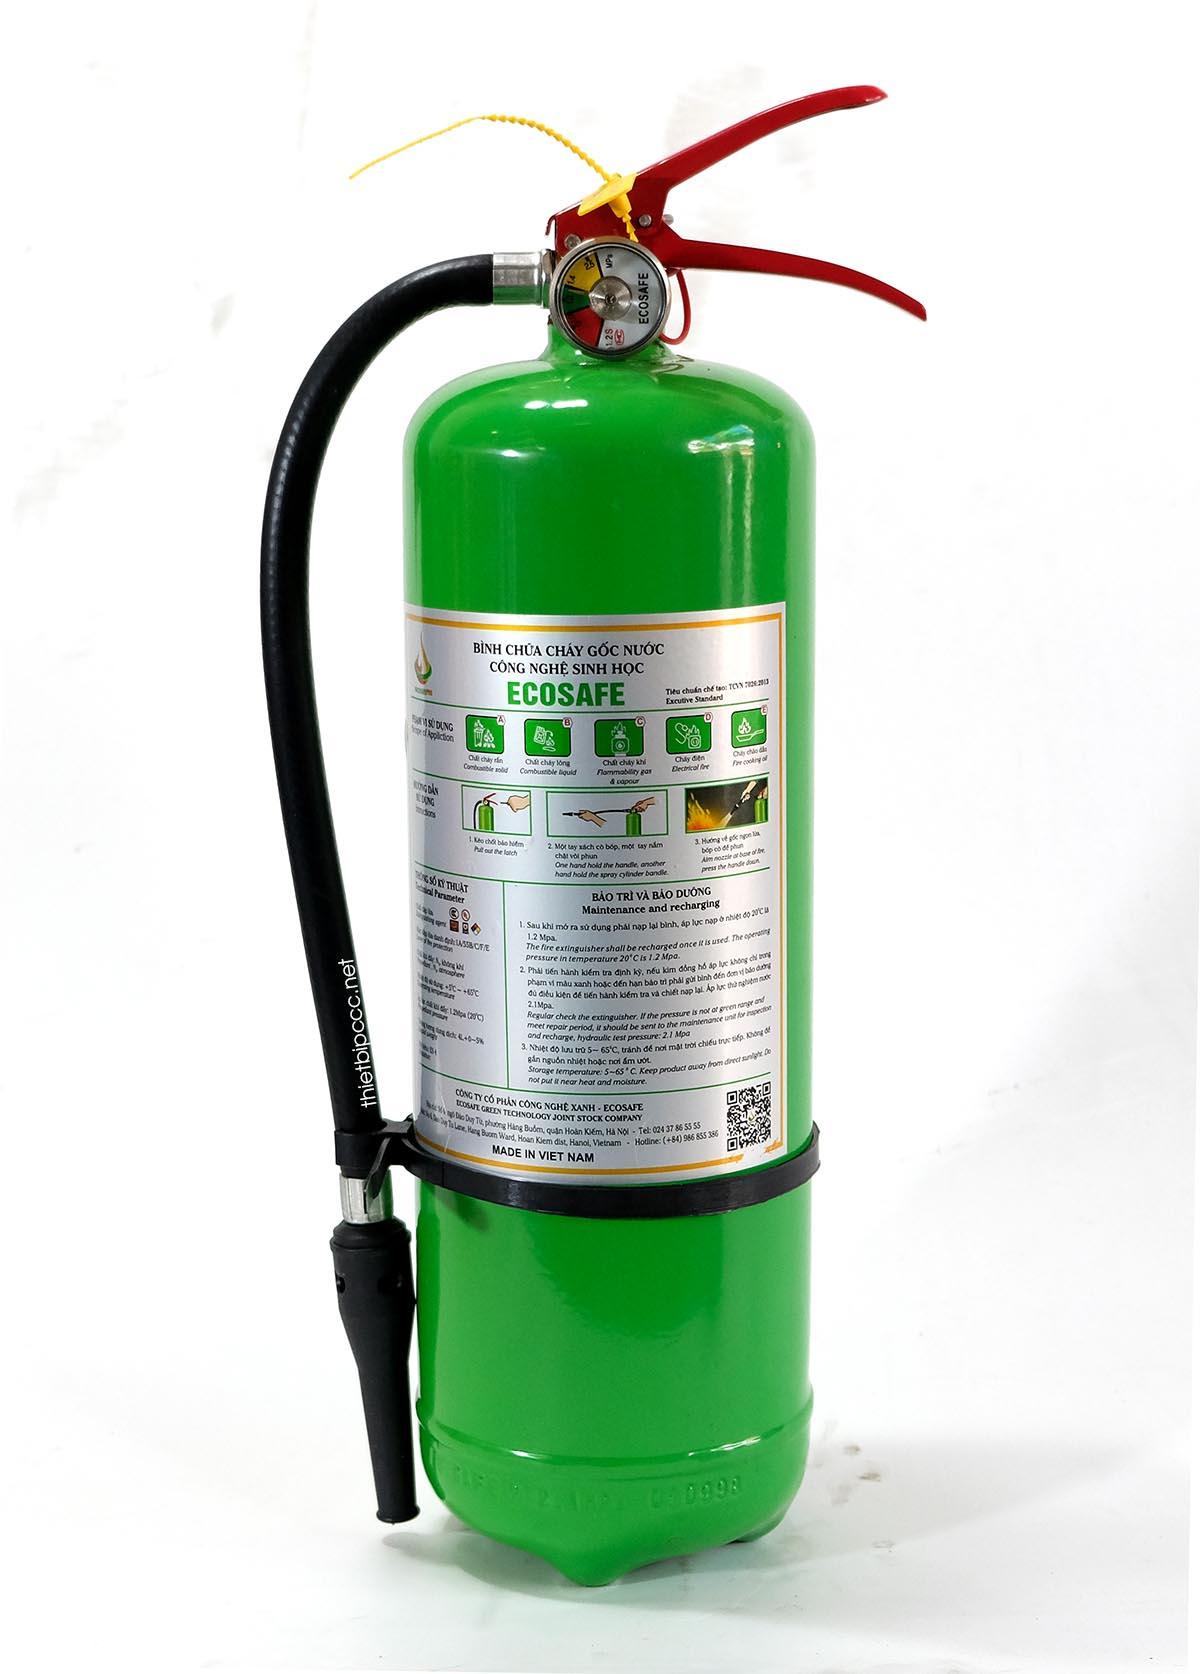 bình chữa cháy gốc nước Ecosafe Việt Nam